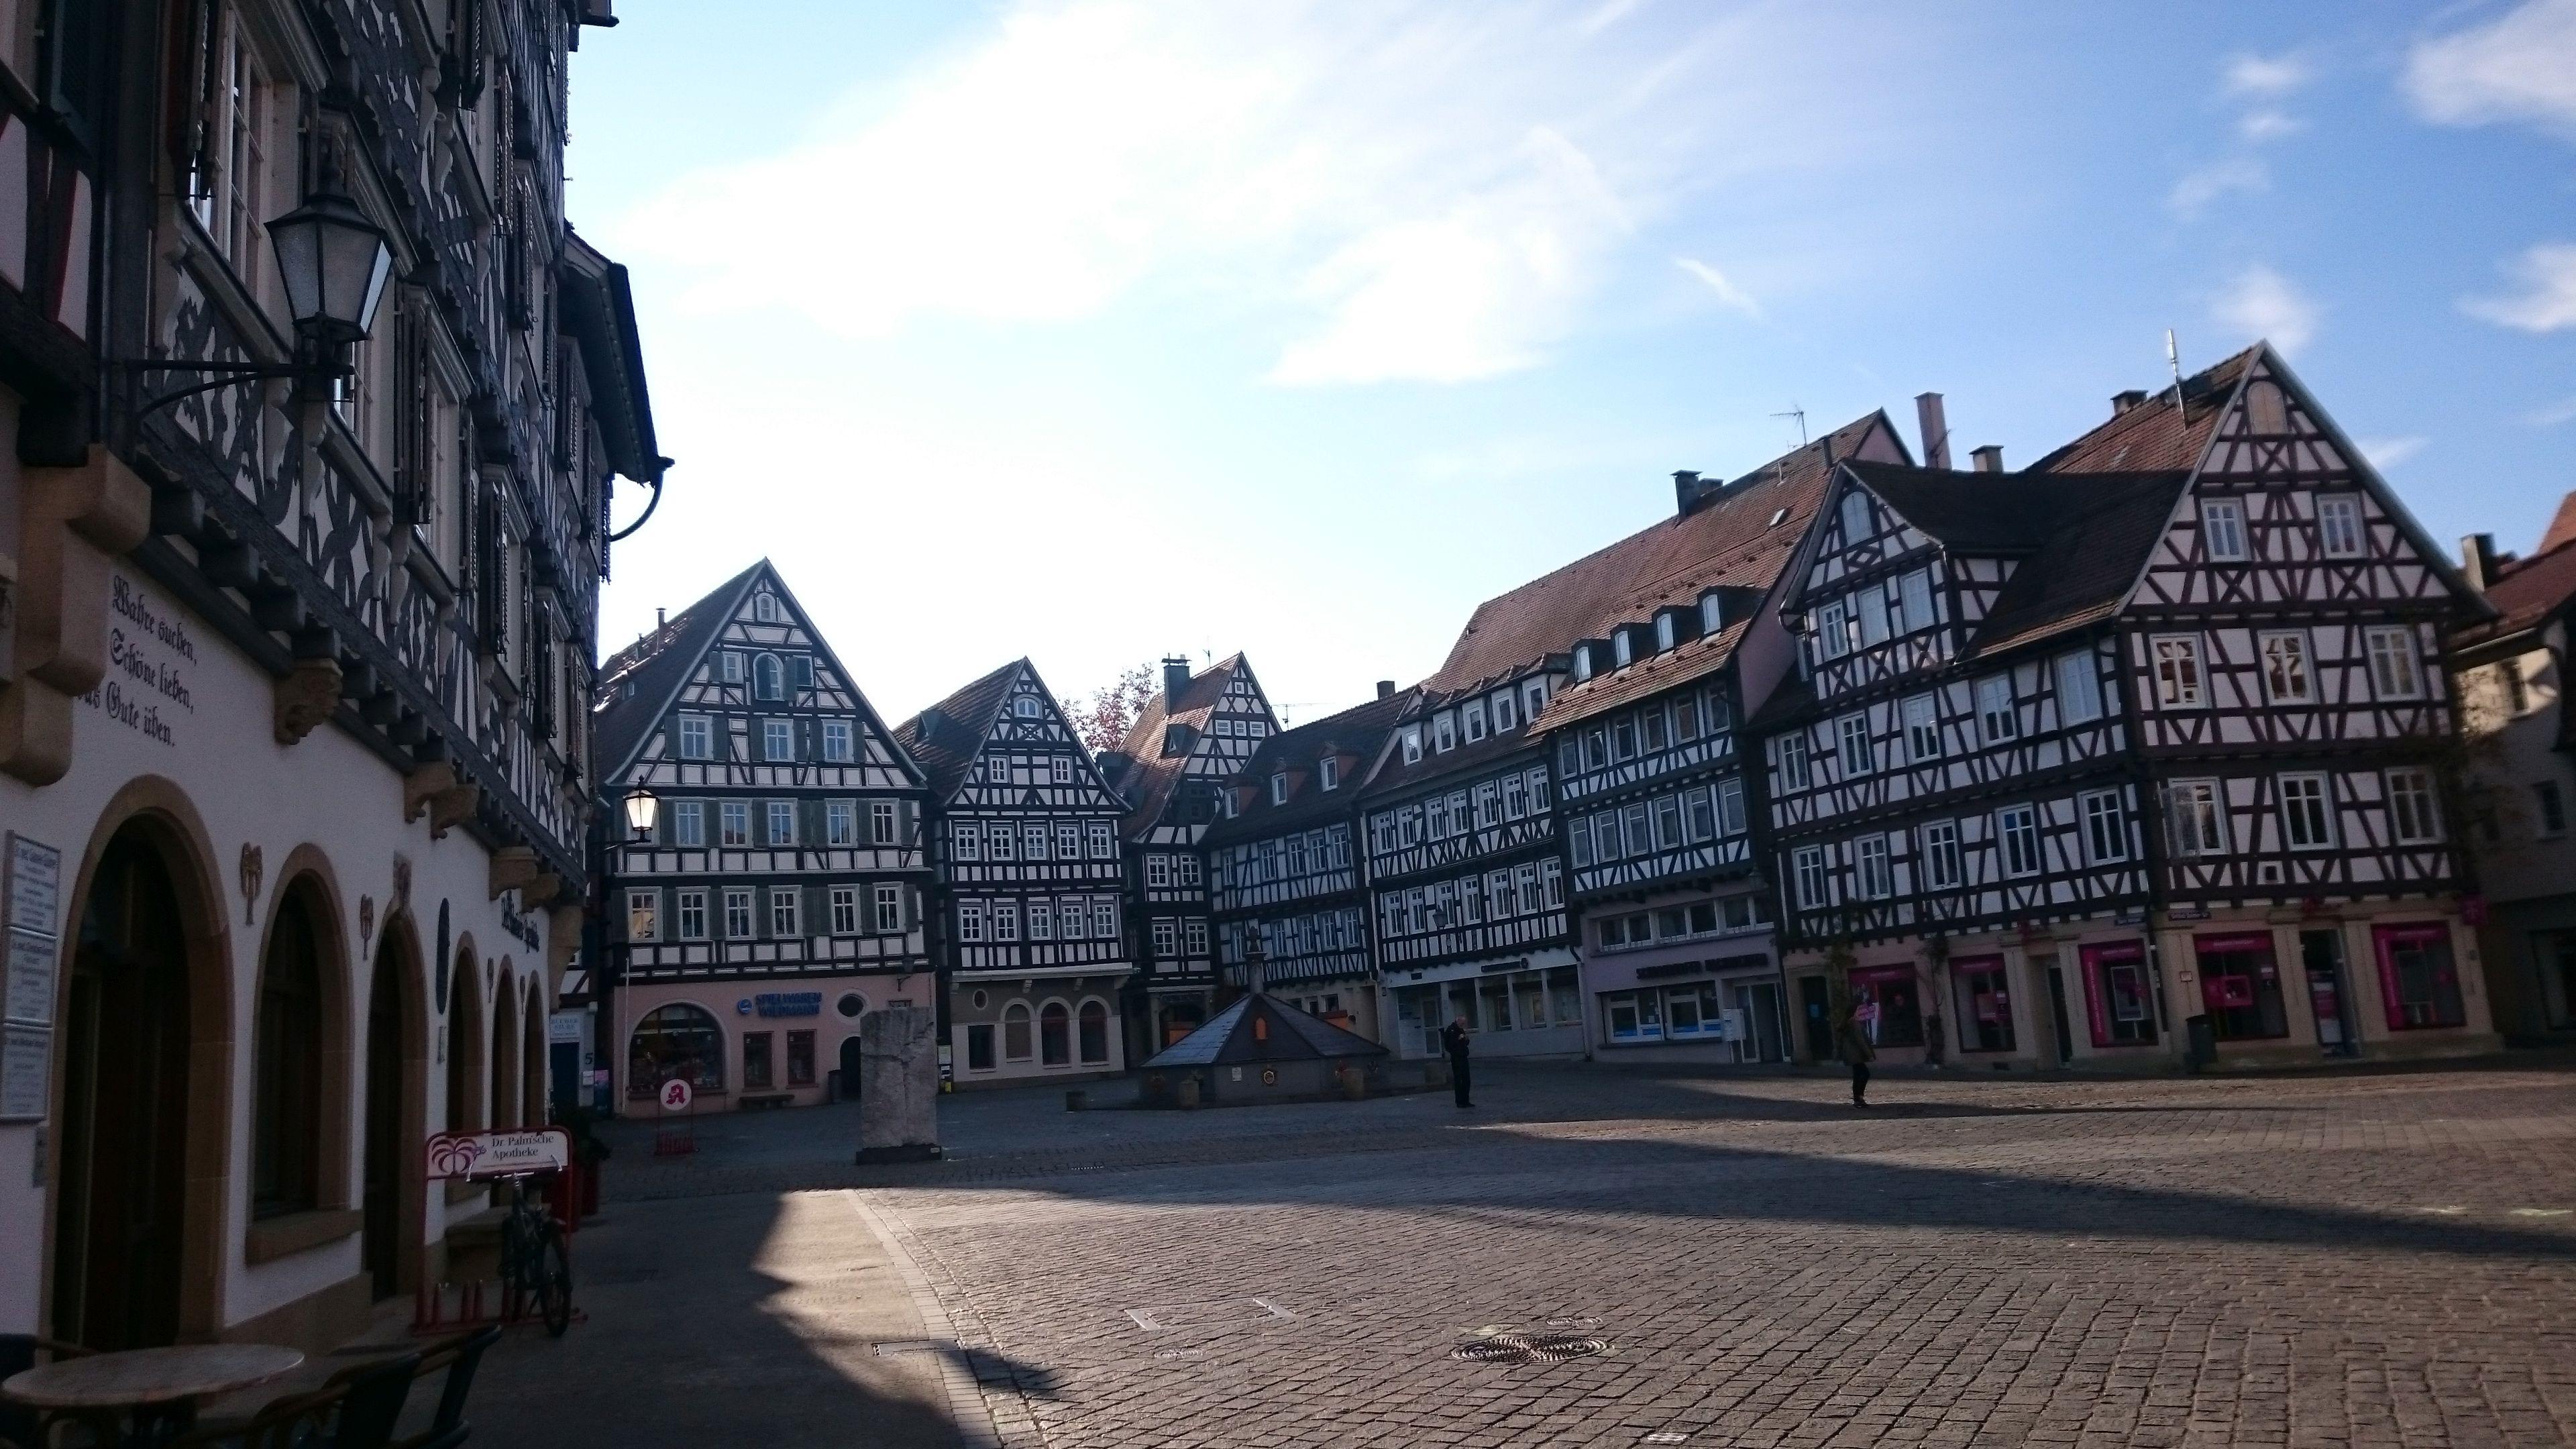 Schorndorf, Marktplatz voller Fachwerk